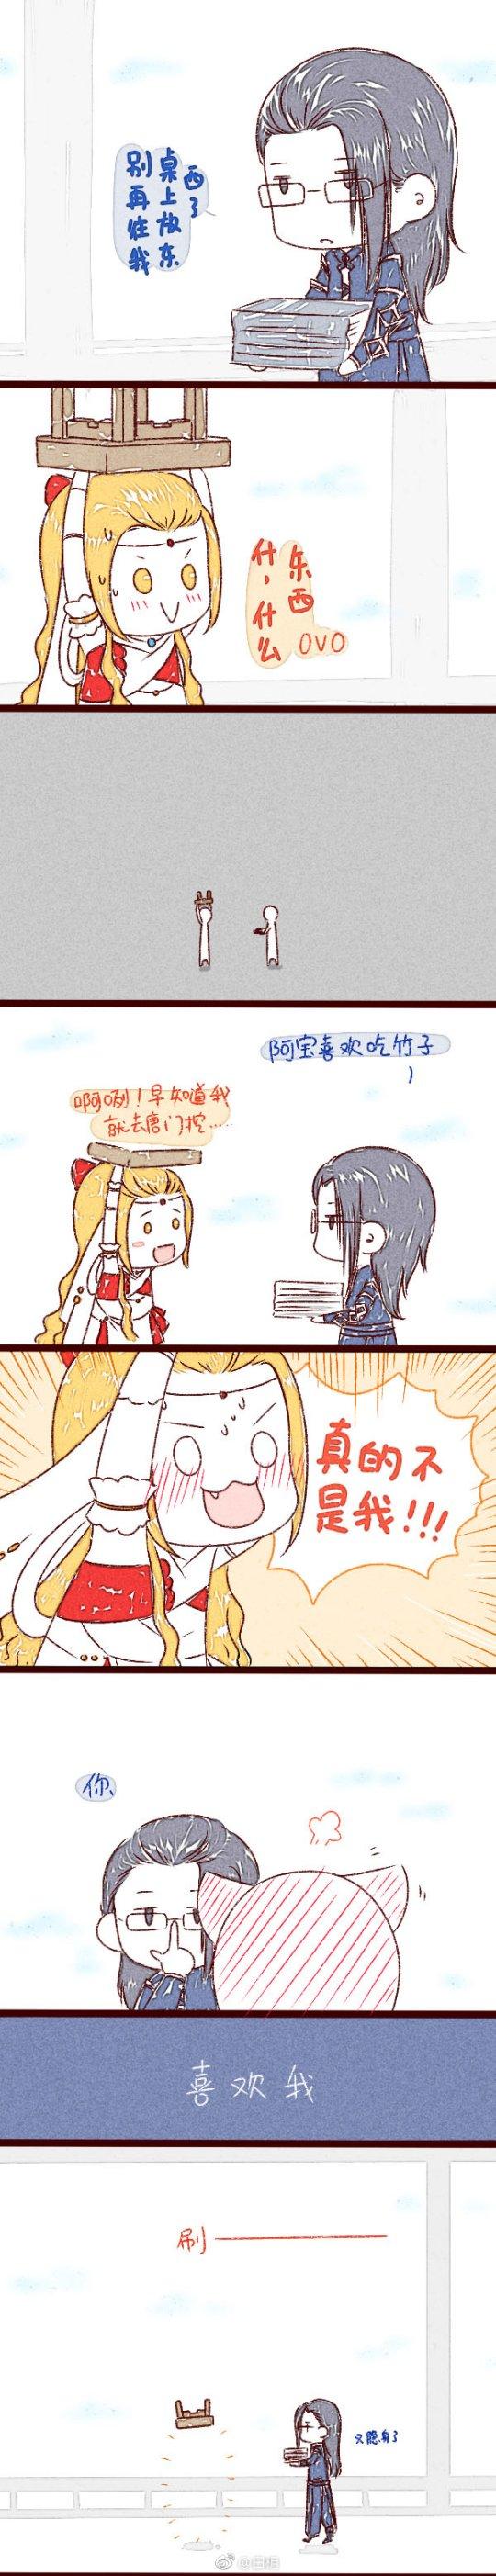 剑网漫画 (2).jpg